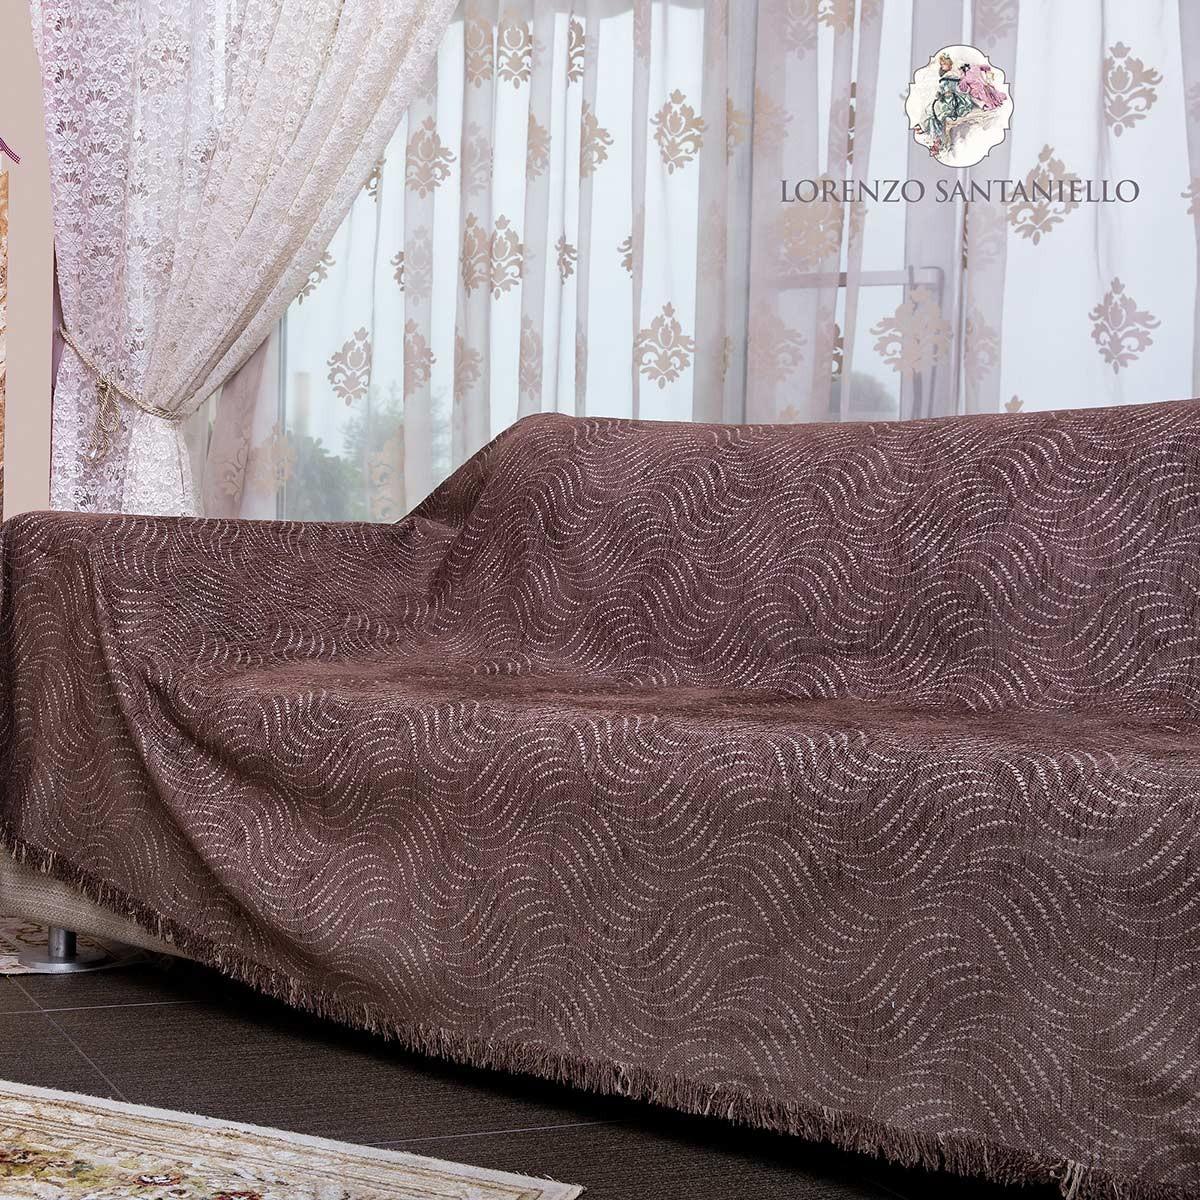 Διακοσμητική Μαξιλαροθήκη Lorenzo Santaniello Vueltas Brown